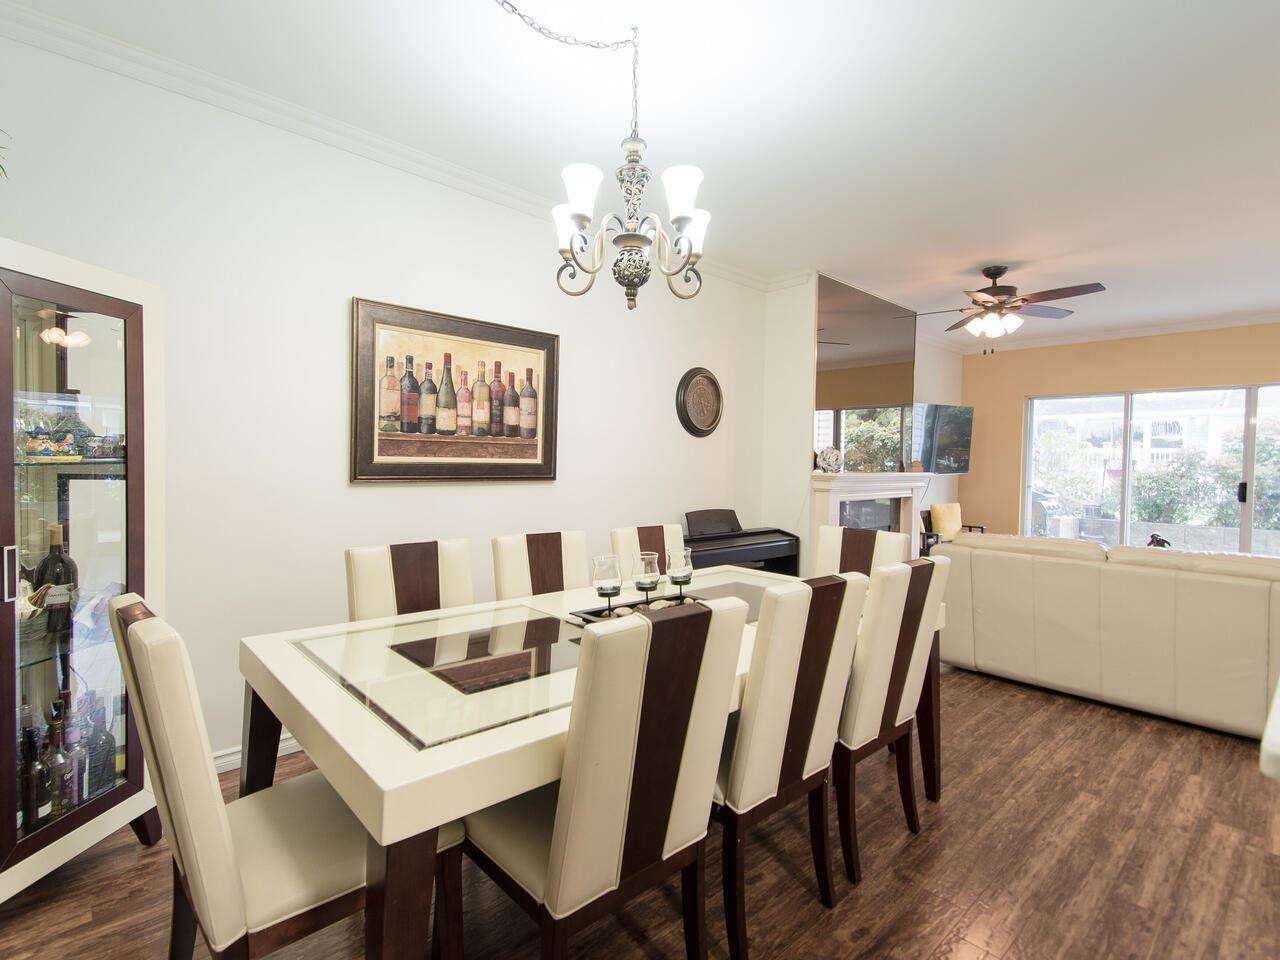 Photo 16: Photos: 108 13918 72 Avenue in Surrey: East Newton Condo for sale : MLS®# R2538723